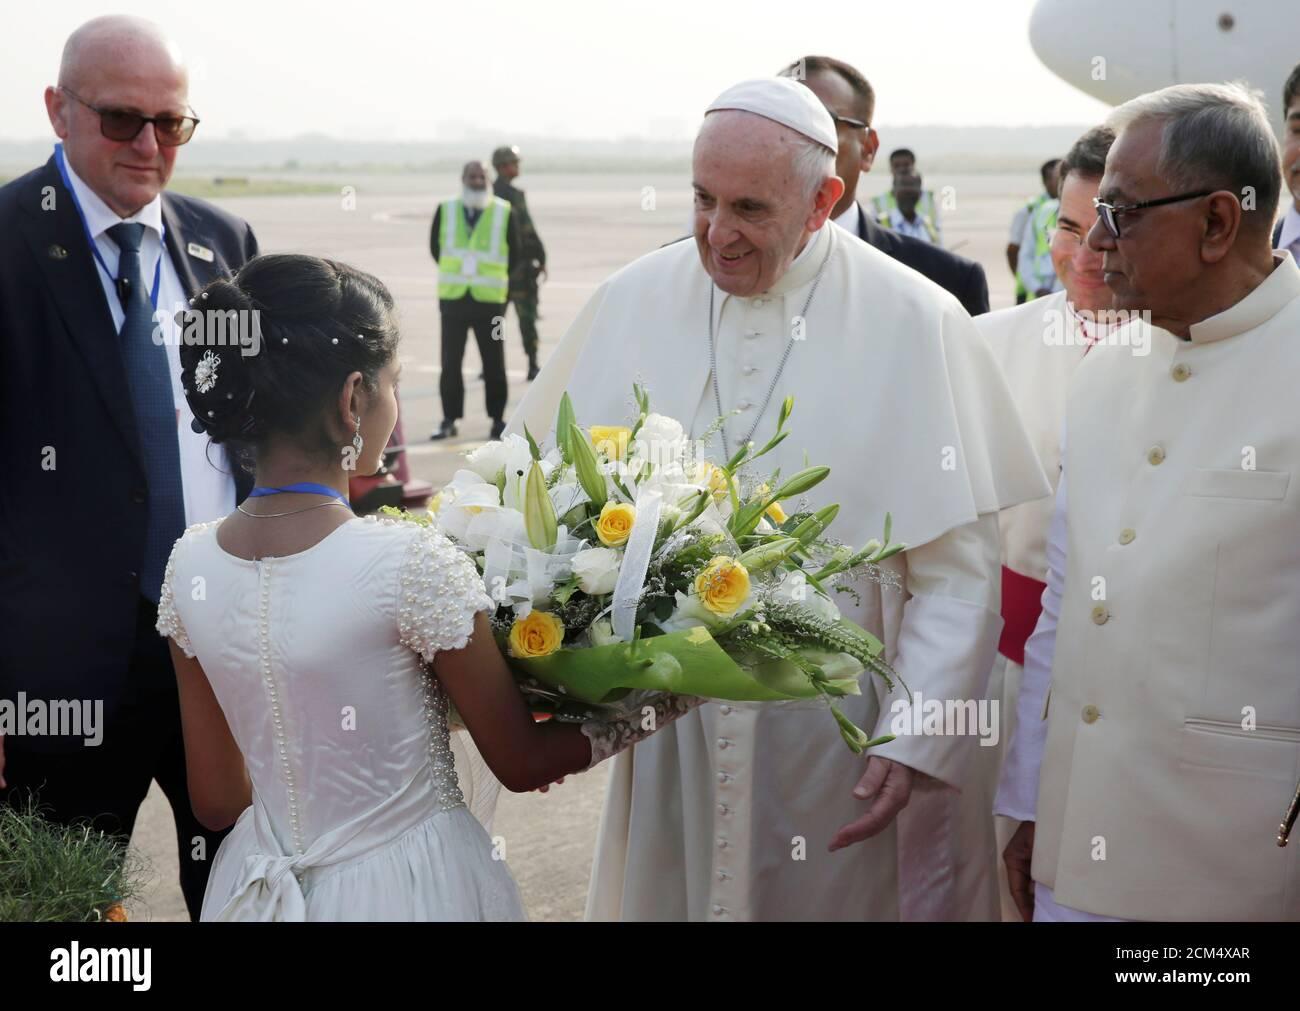 Le pape François est accueilli après son arrivée à l'aéroport de Dhaka, au Bangladesh, le 30 novembre 2017. À droite se trouve le président du Bangladesh, Abdul Hamid. REUTERS/Max Rossi Banque D'Images